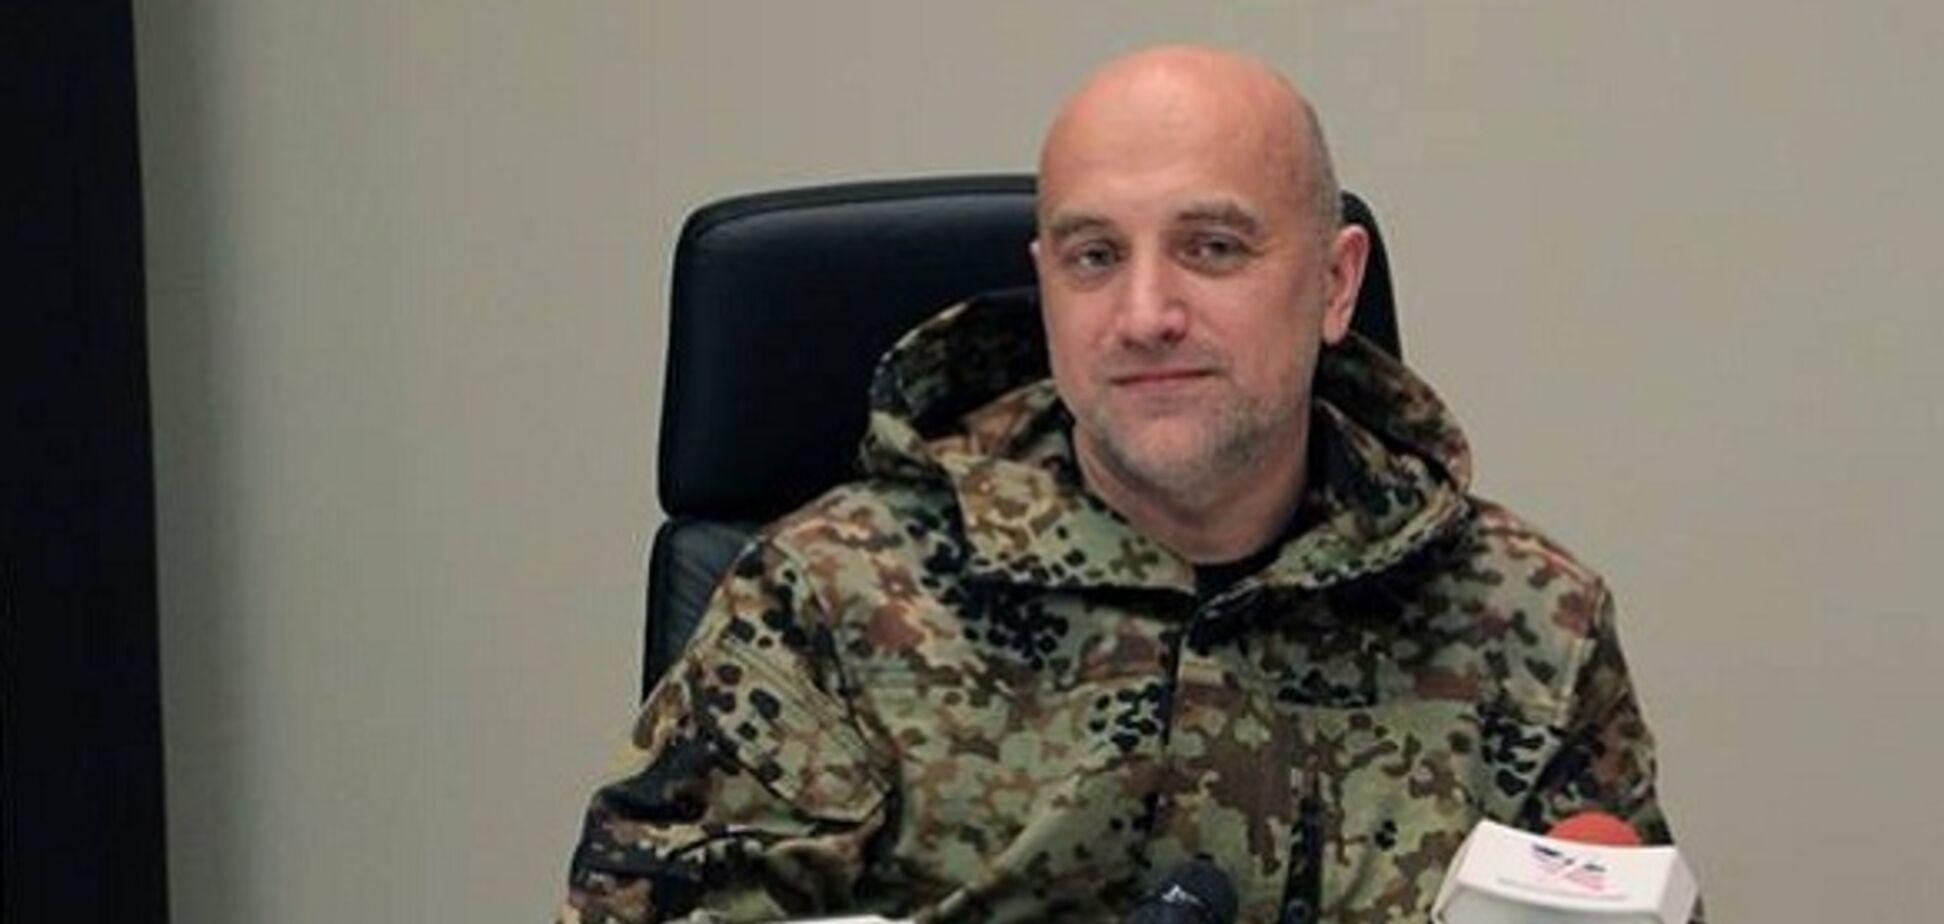 Прилепин пригрозил высадкой спецназа Путина в Киеве